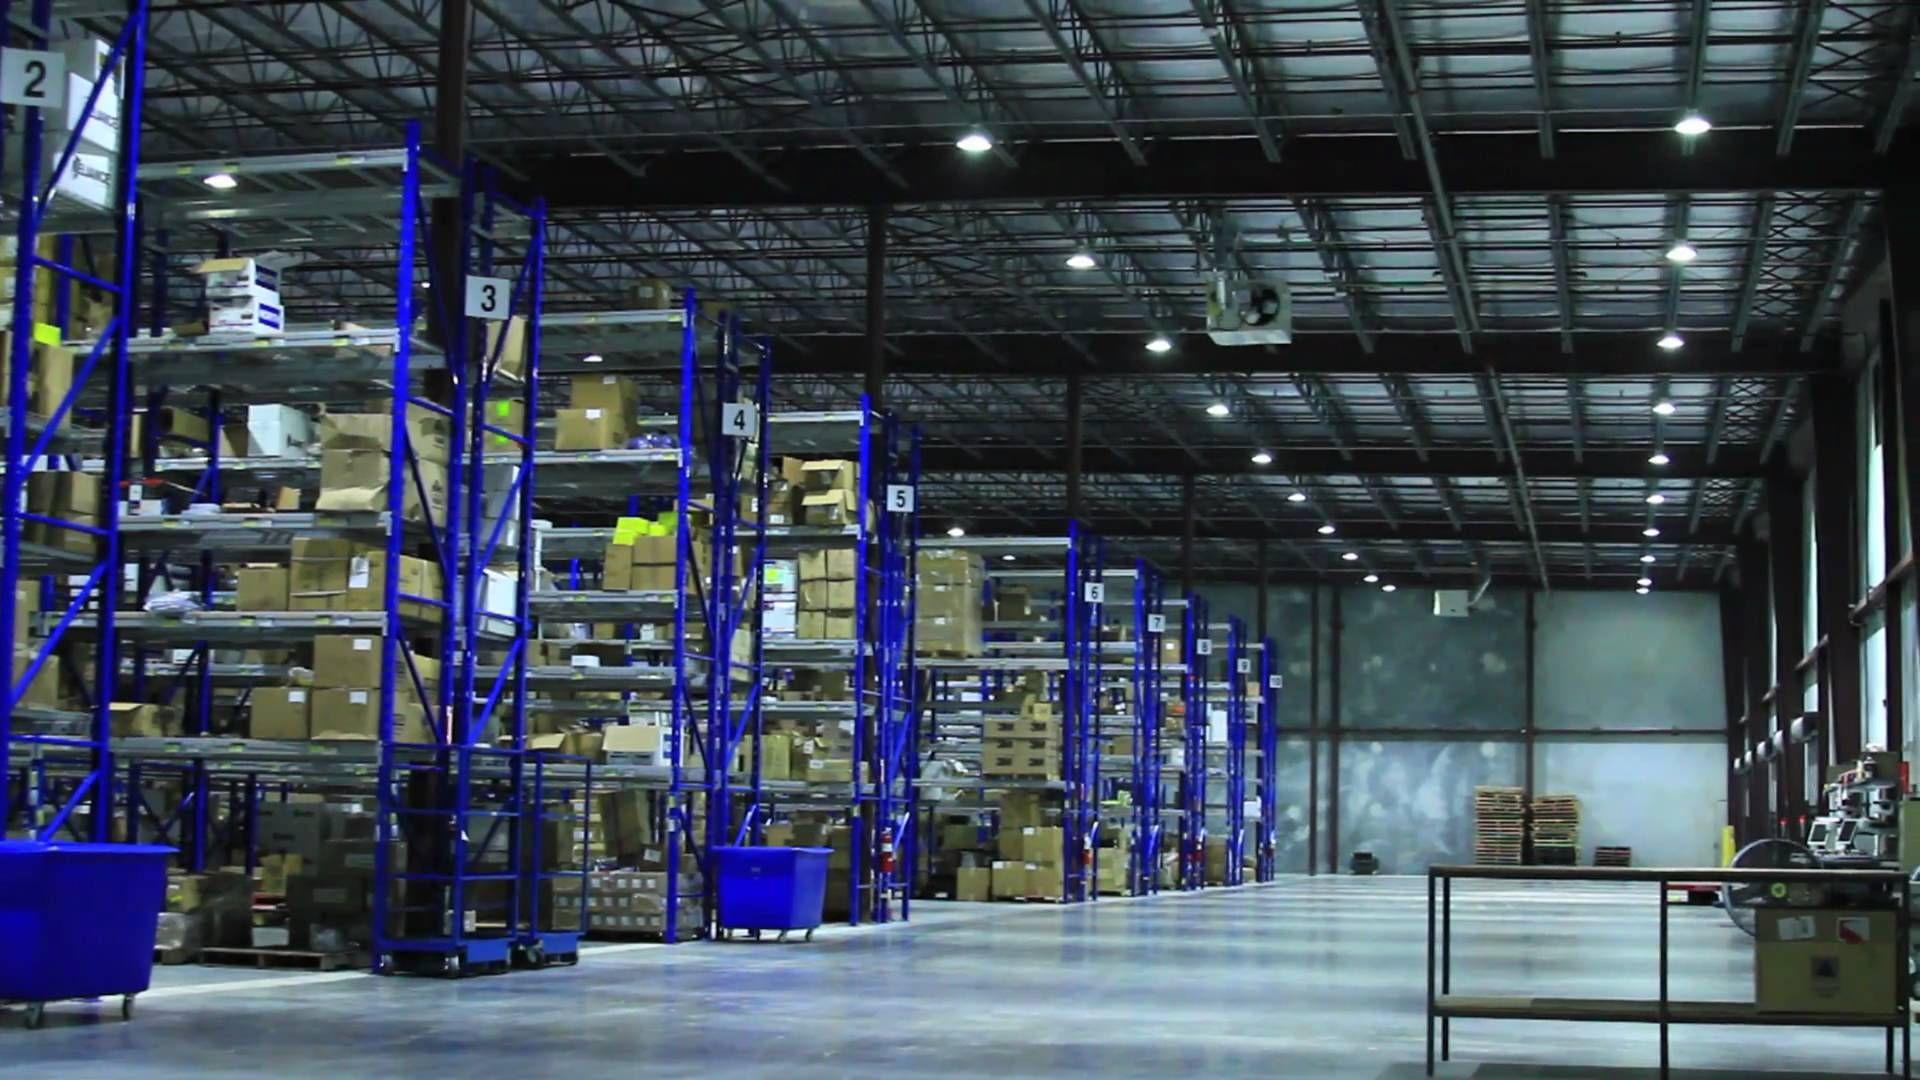 Led High Bay Light For Warehouse Lighting Lighting